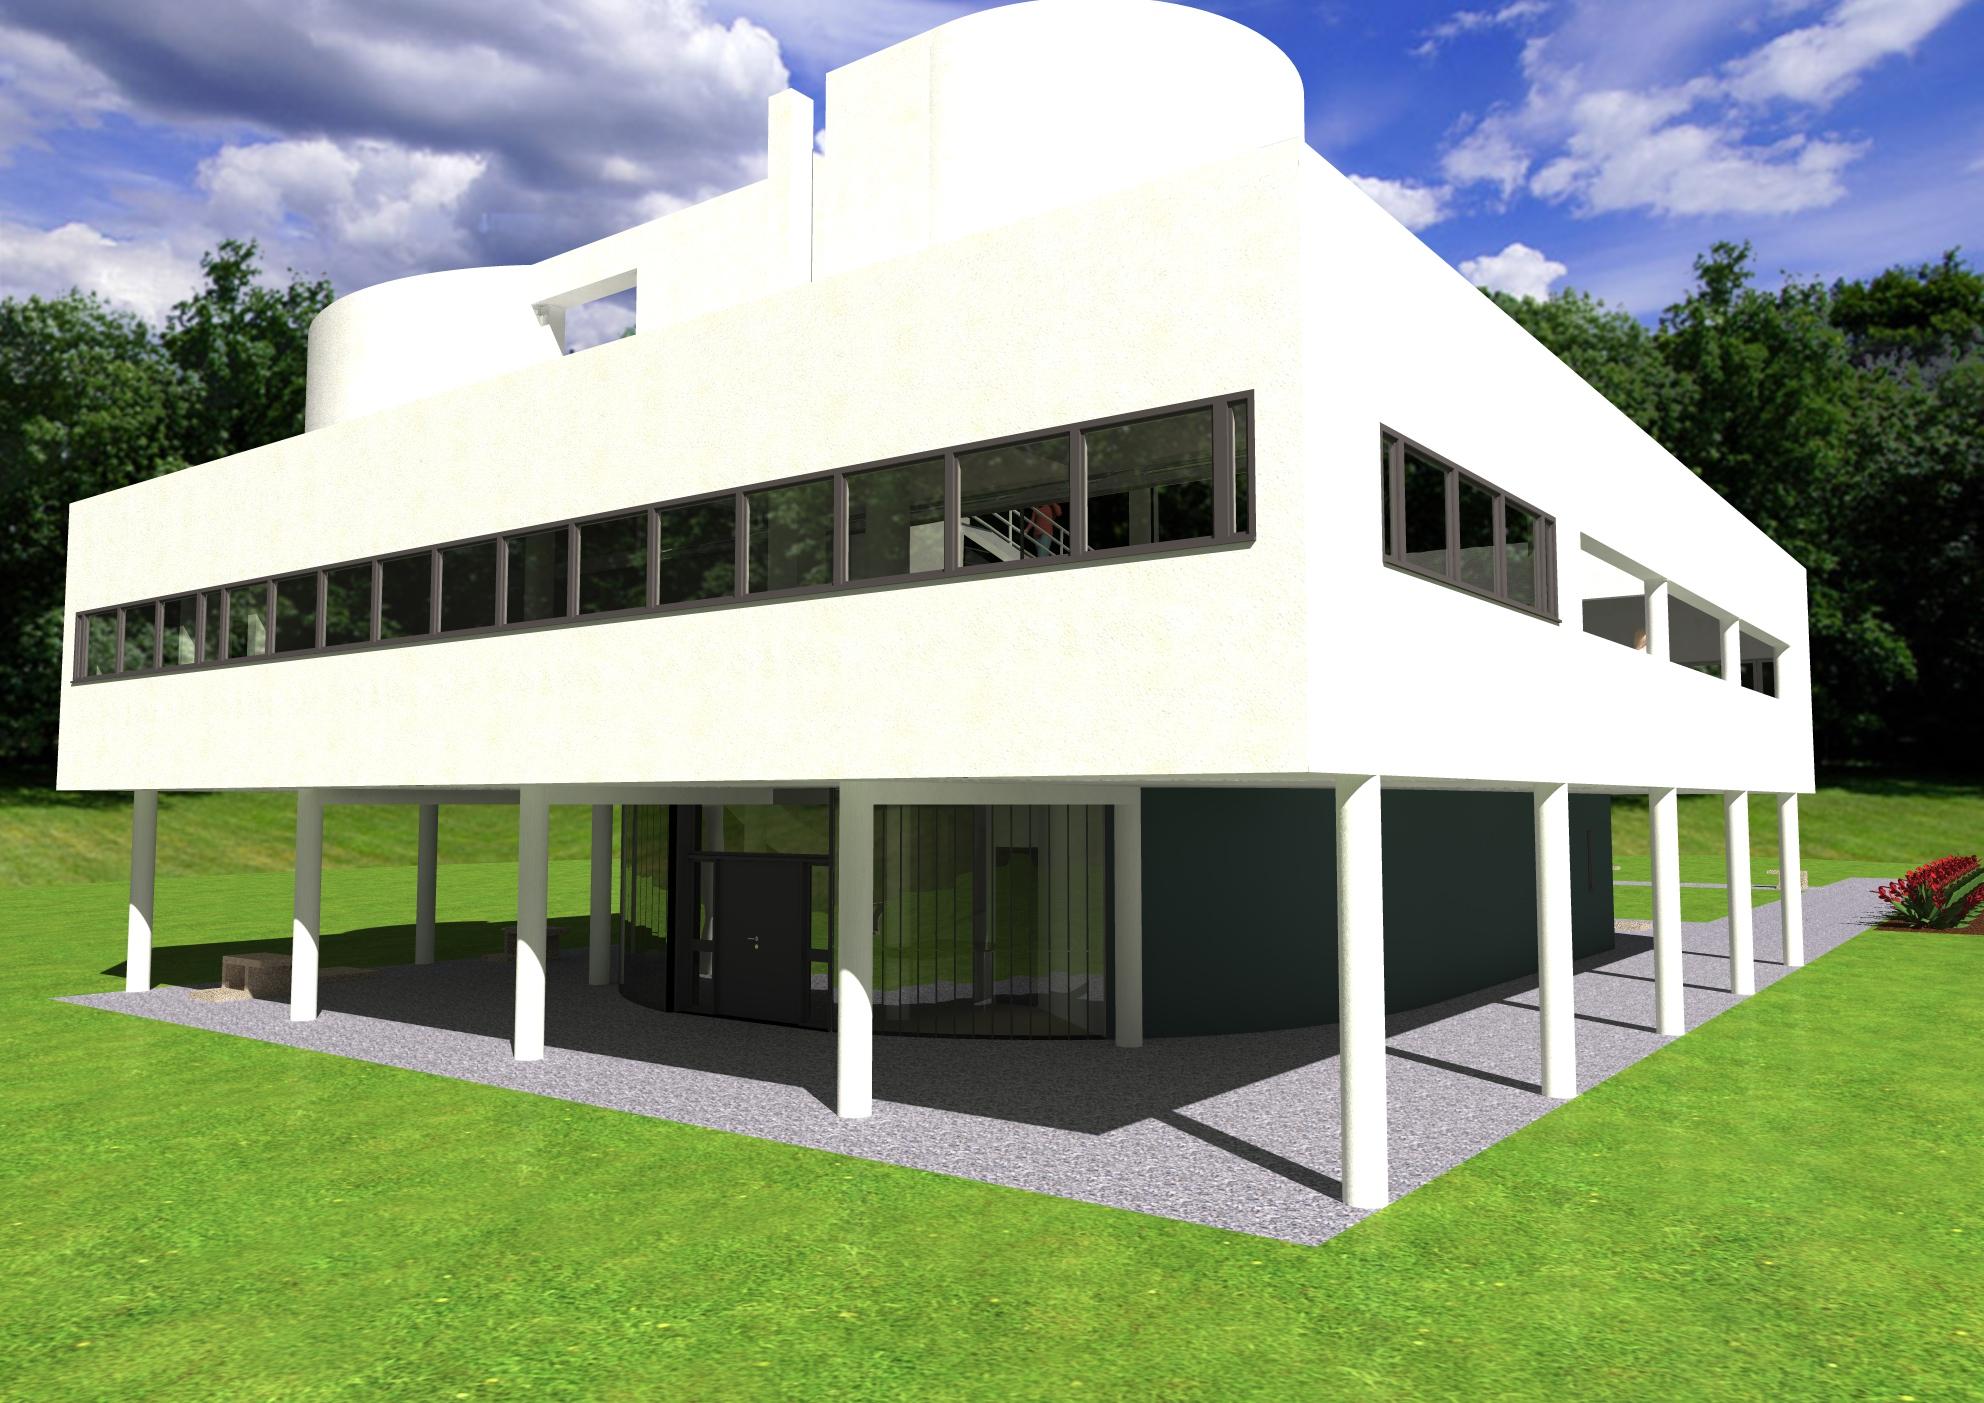 Le corbusier villa savoye by daniel gauden at - Le corbusier villa savoye ...